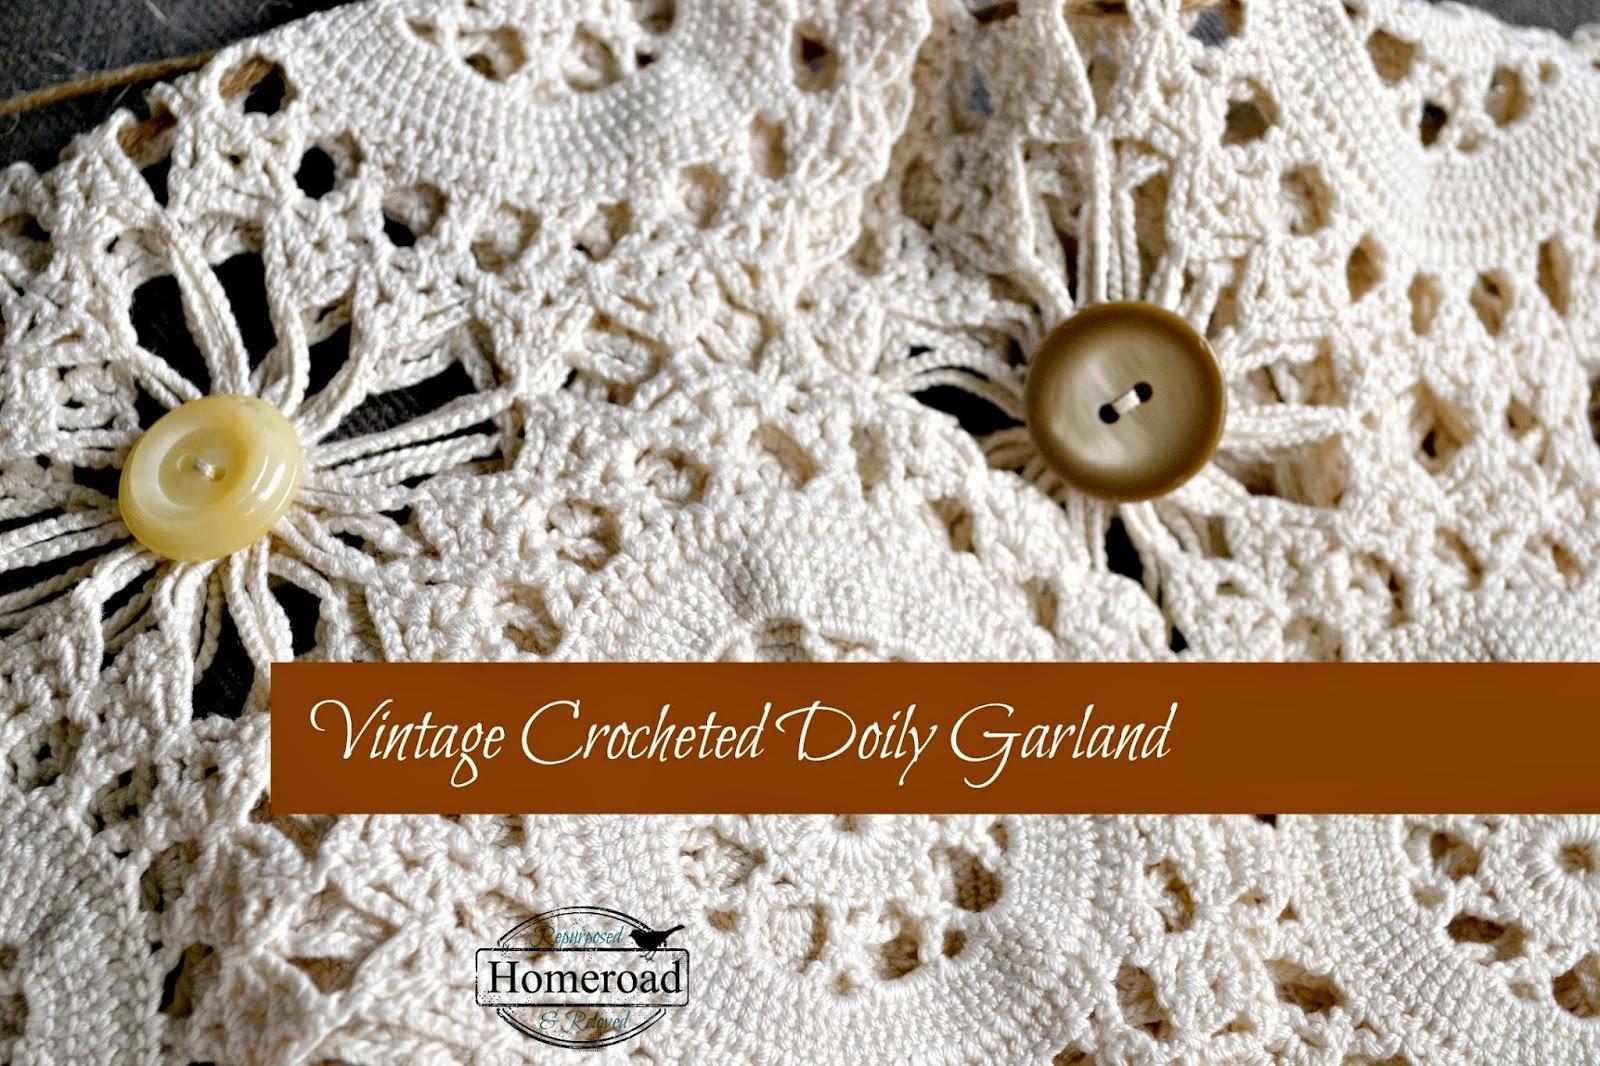 Vintage-crocheted-doily-garland www.homeroad.net